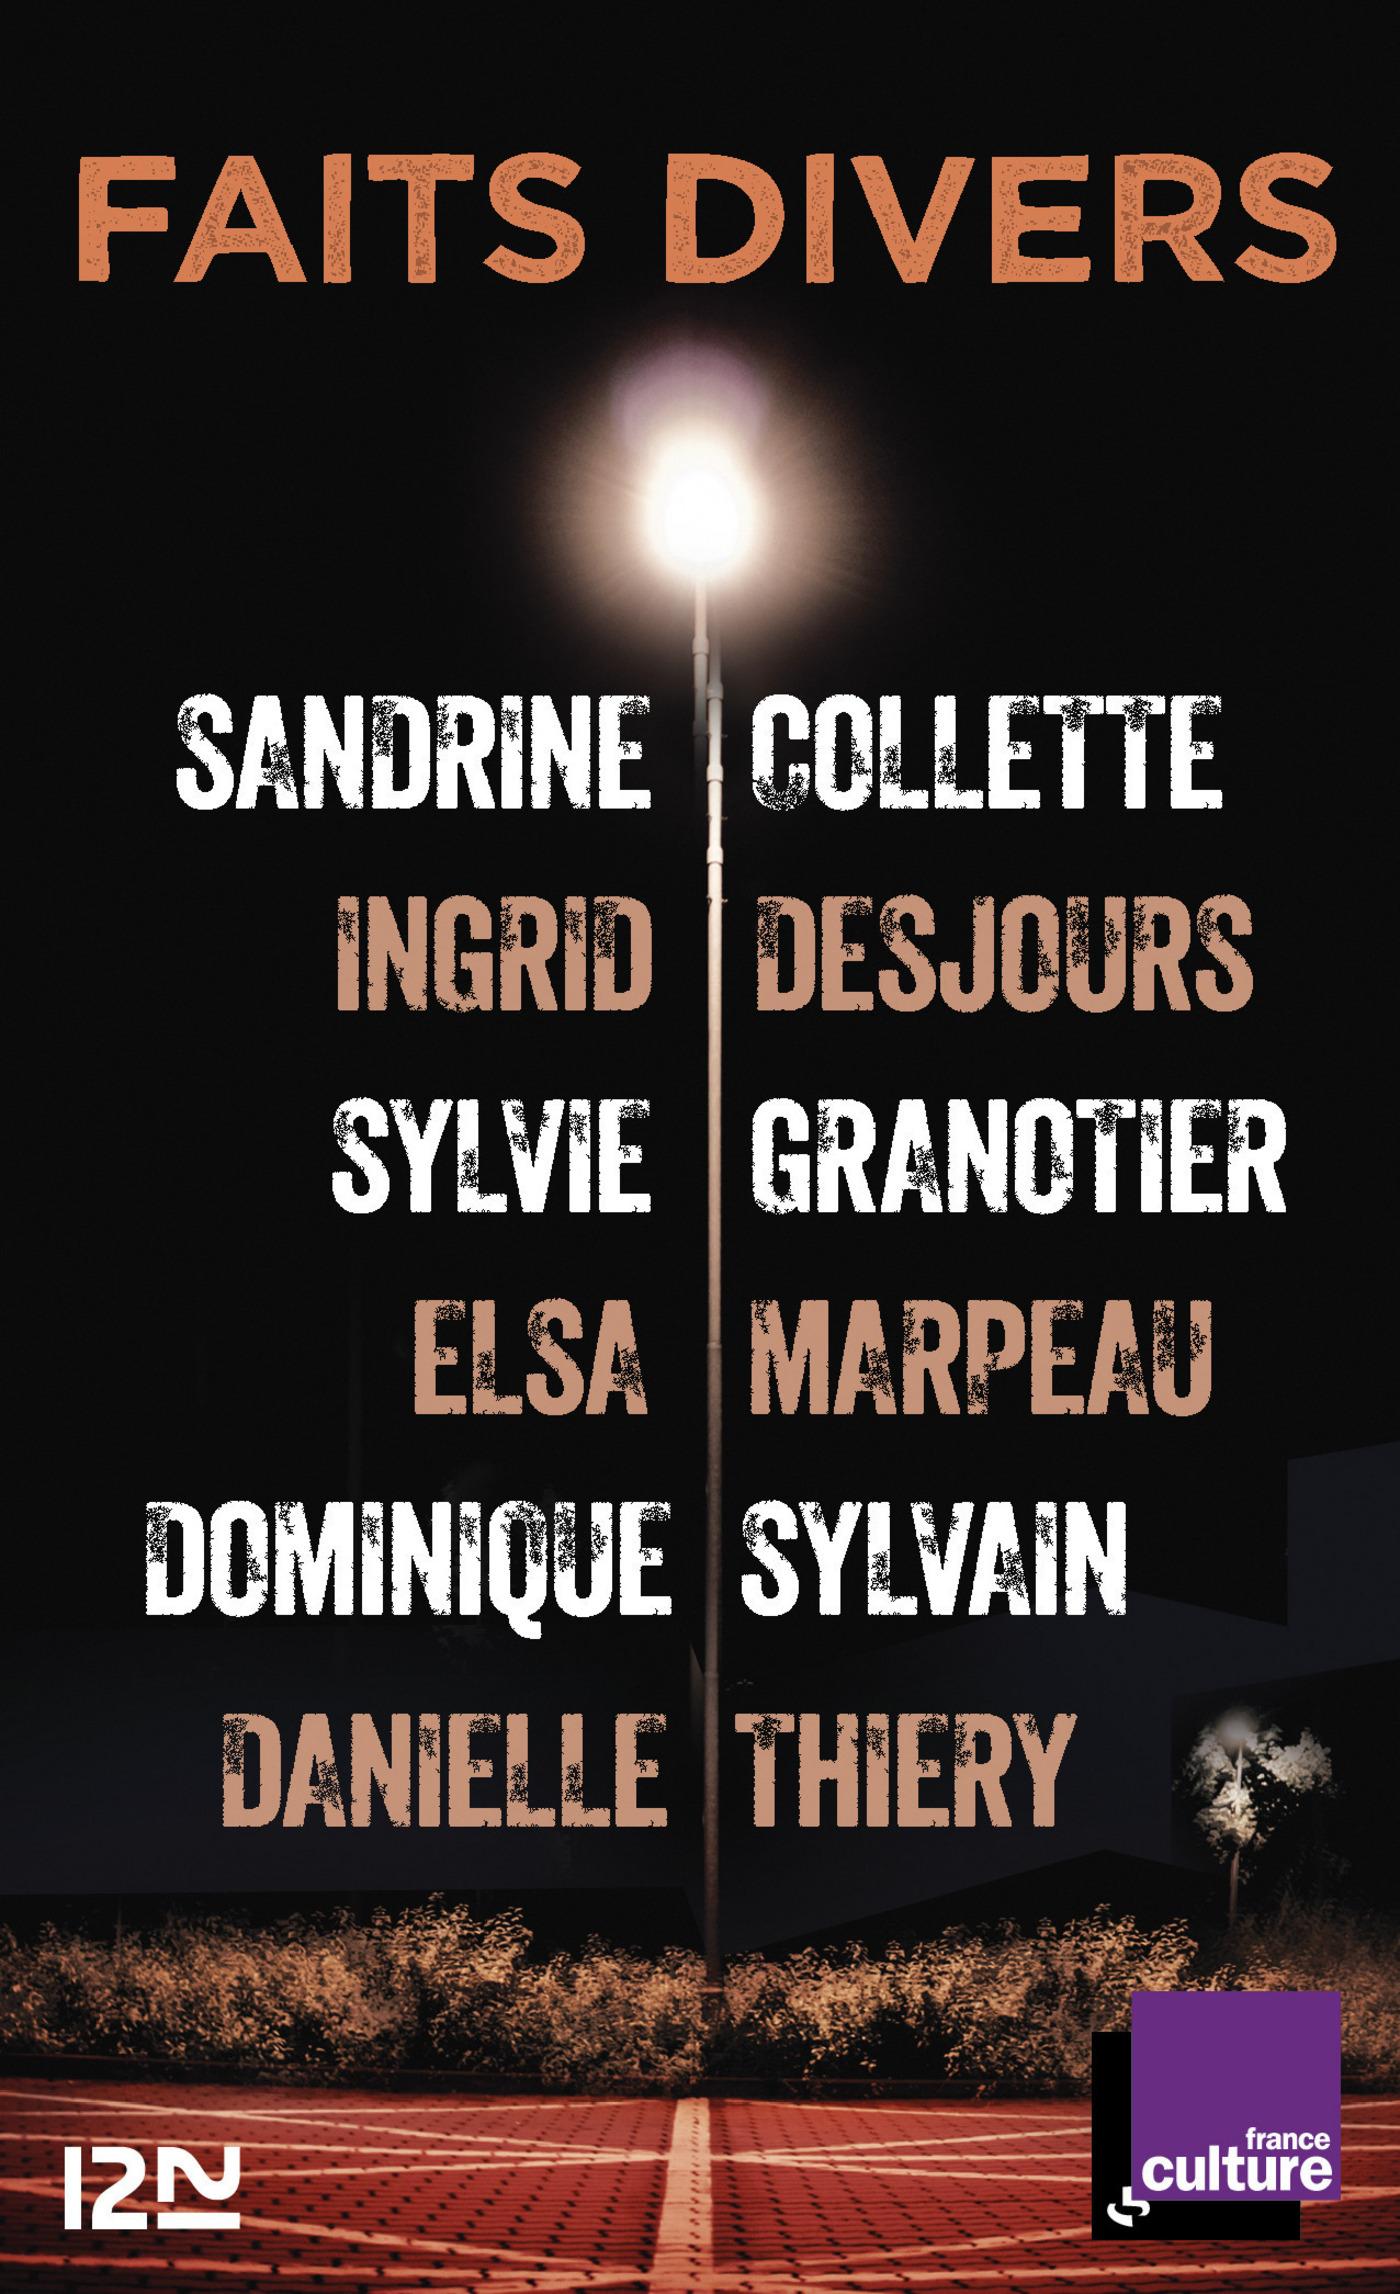 Faits divers | COLLETTE, Sandrine